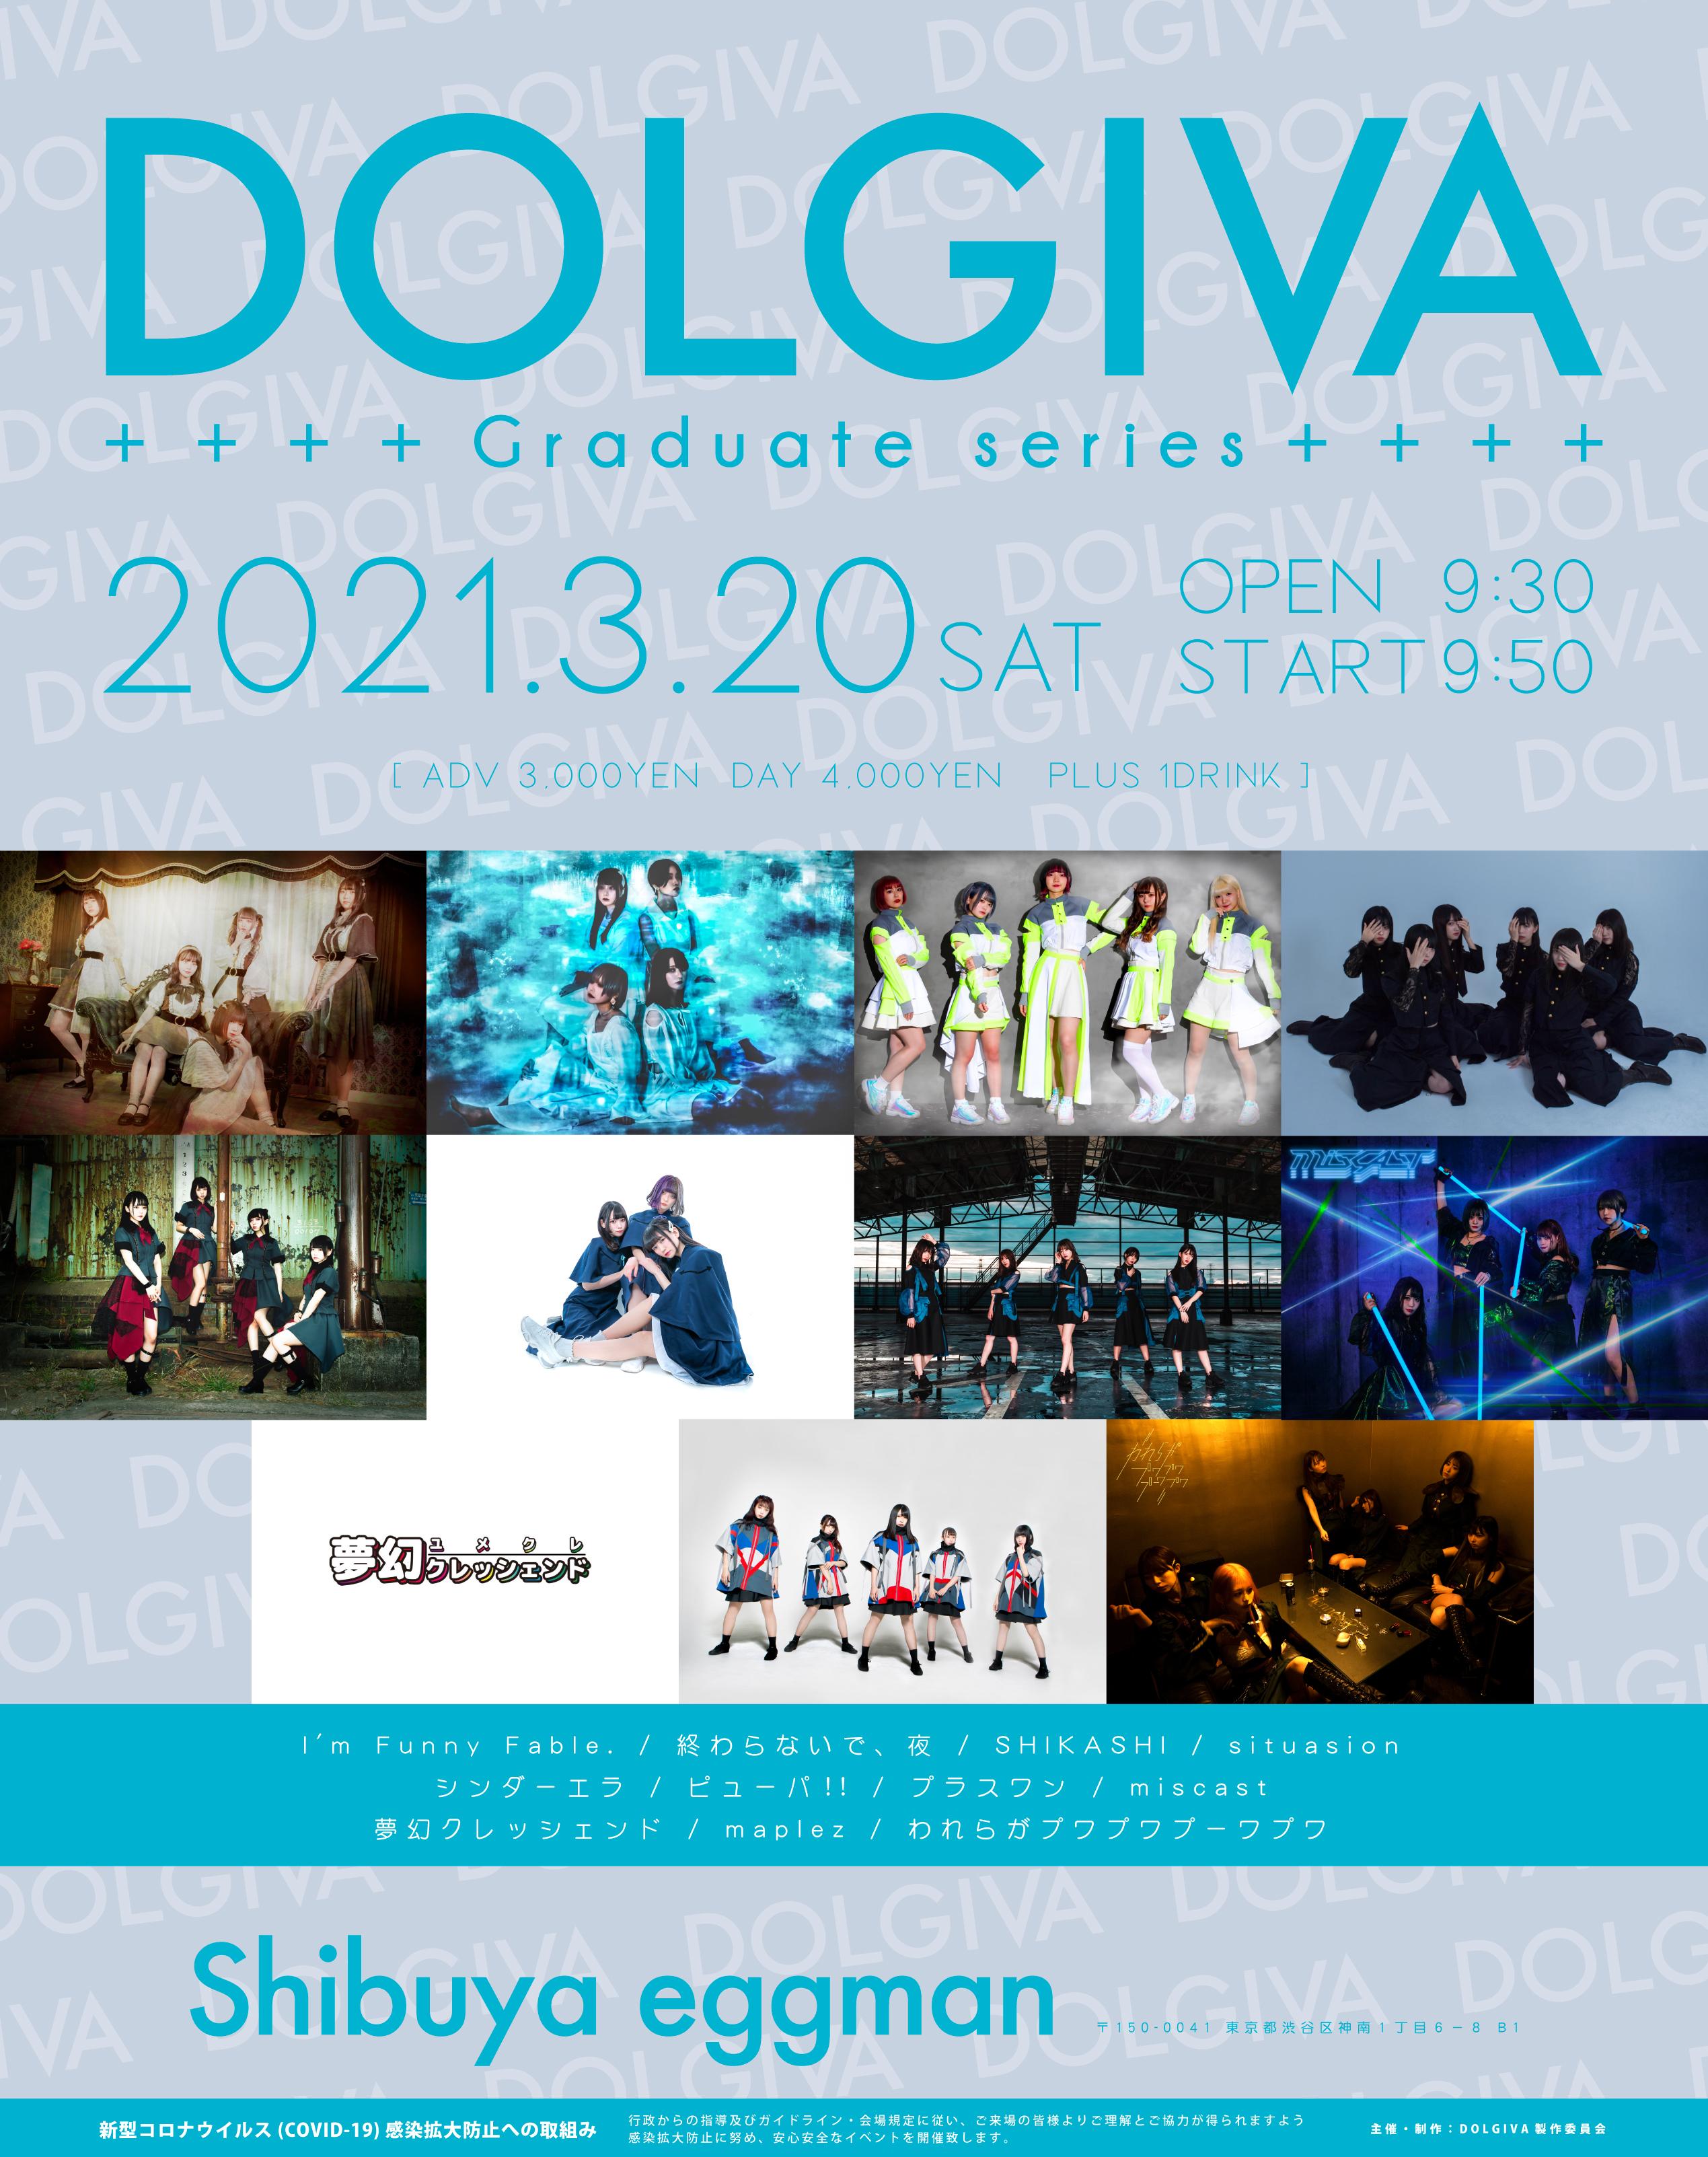 「DOLGIVA - Graduate series」